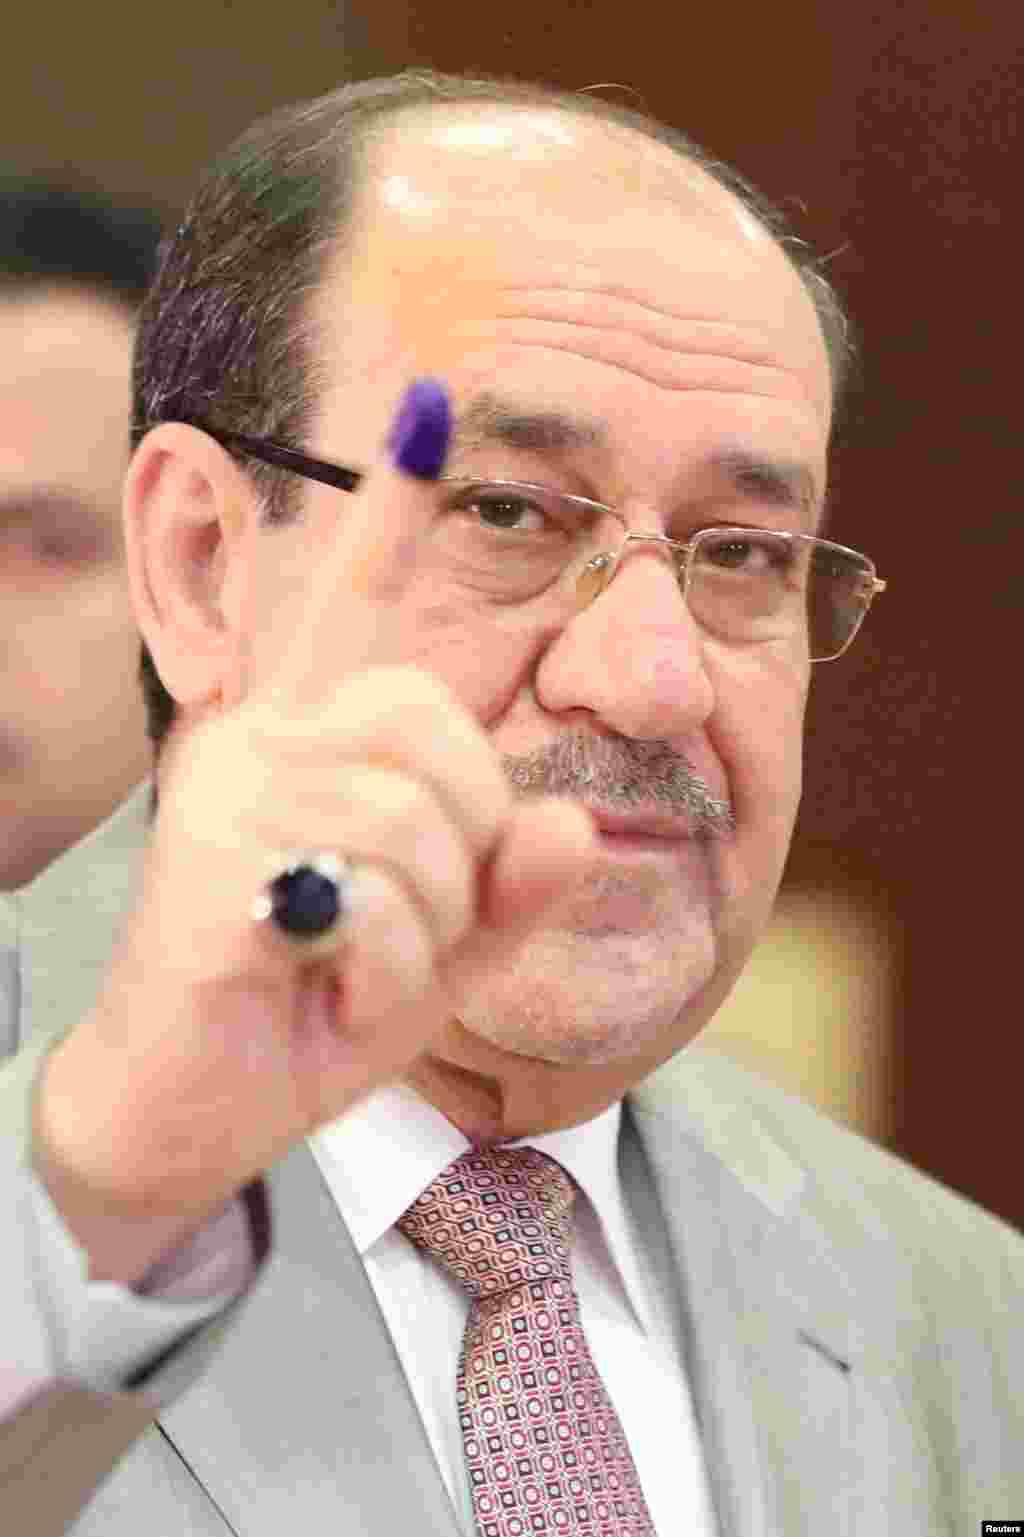 آغاز انتخابات پارلمانی عراق و حضور نوری المالکی، معاون رئیس جمهوری و نخست وزیر سابق عراق پای صندوق رای در بغداد.